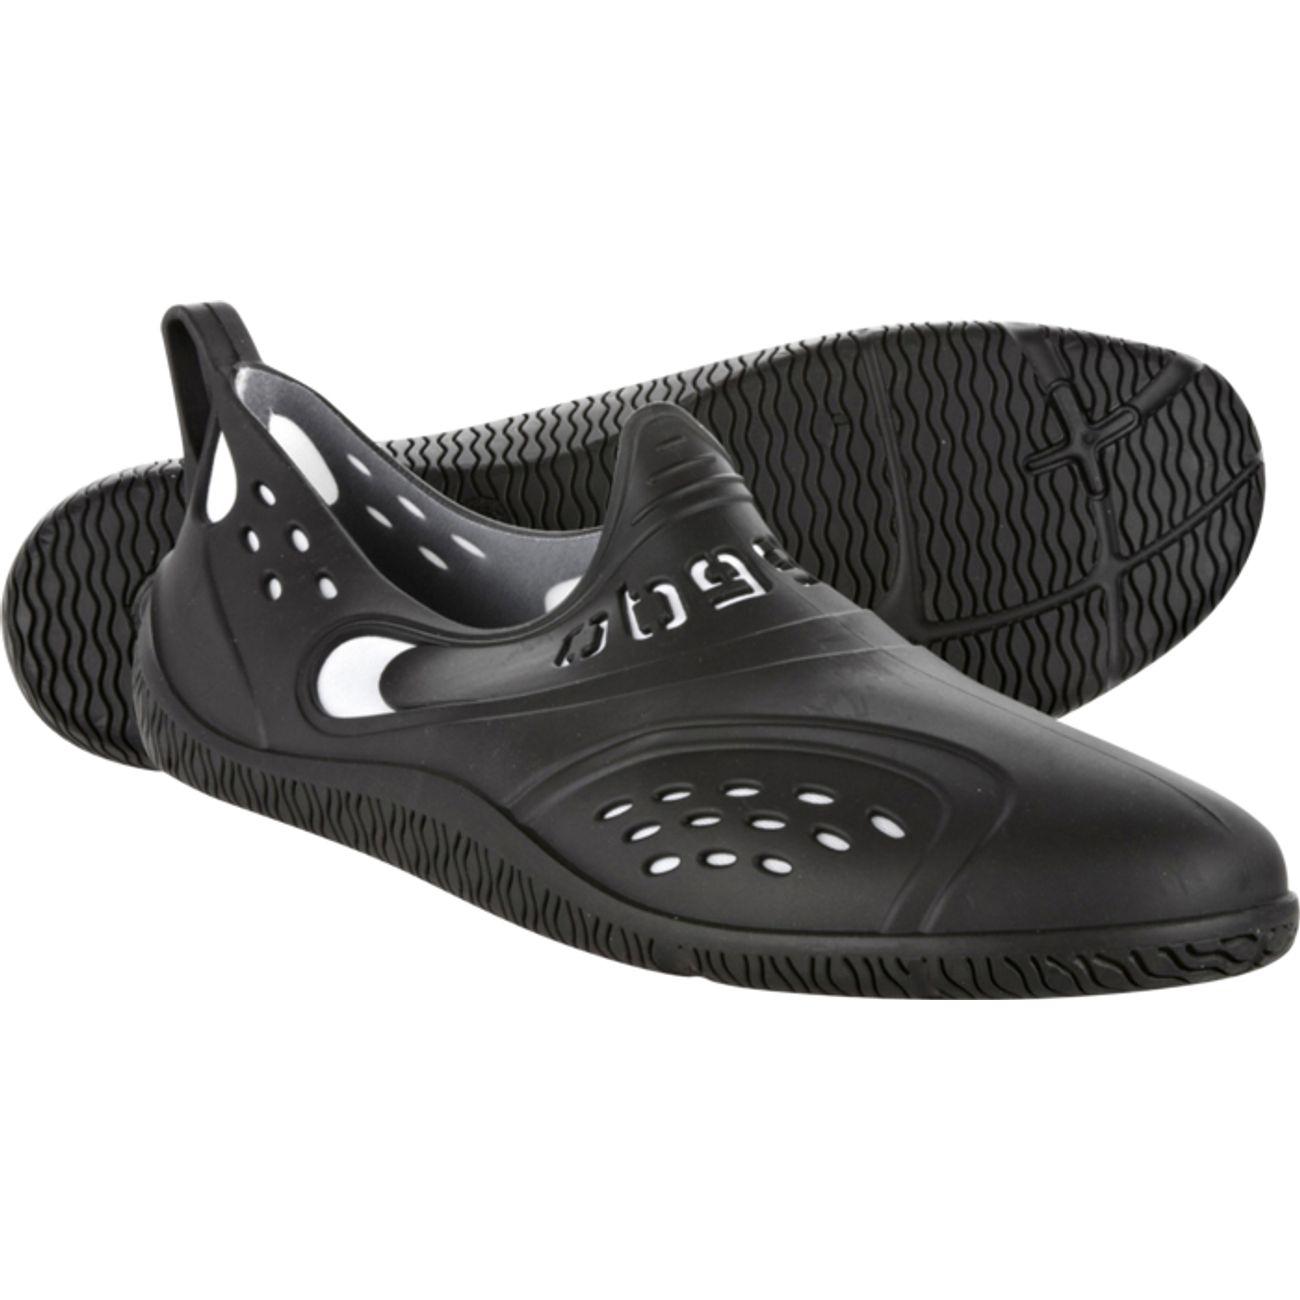 Sport Piscine Piscine Chaussure Go Chaussure tatqrpKw4